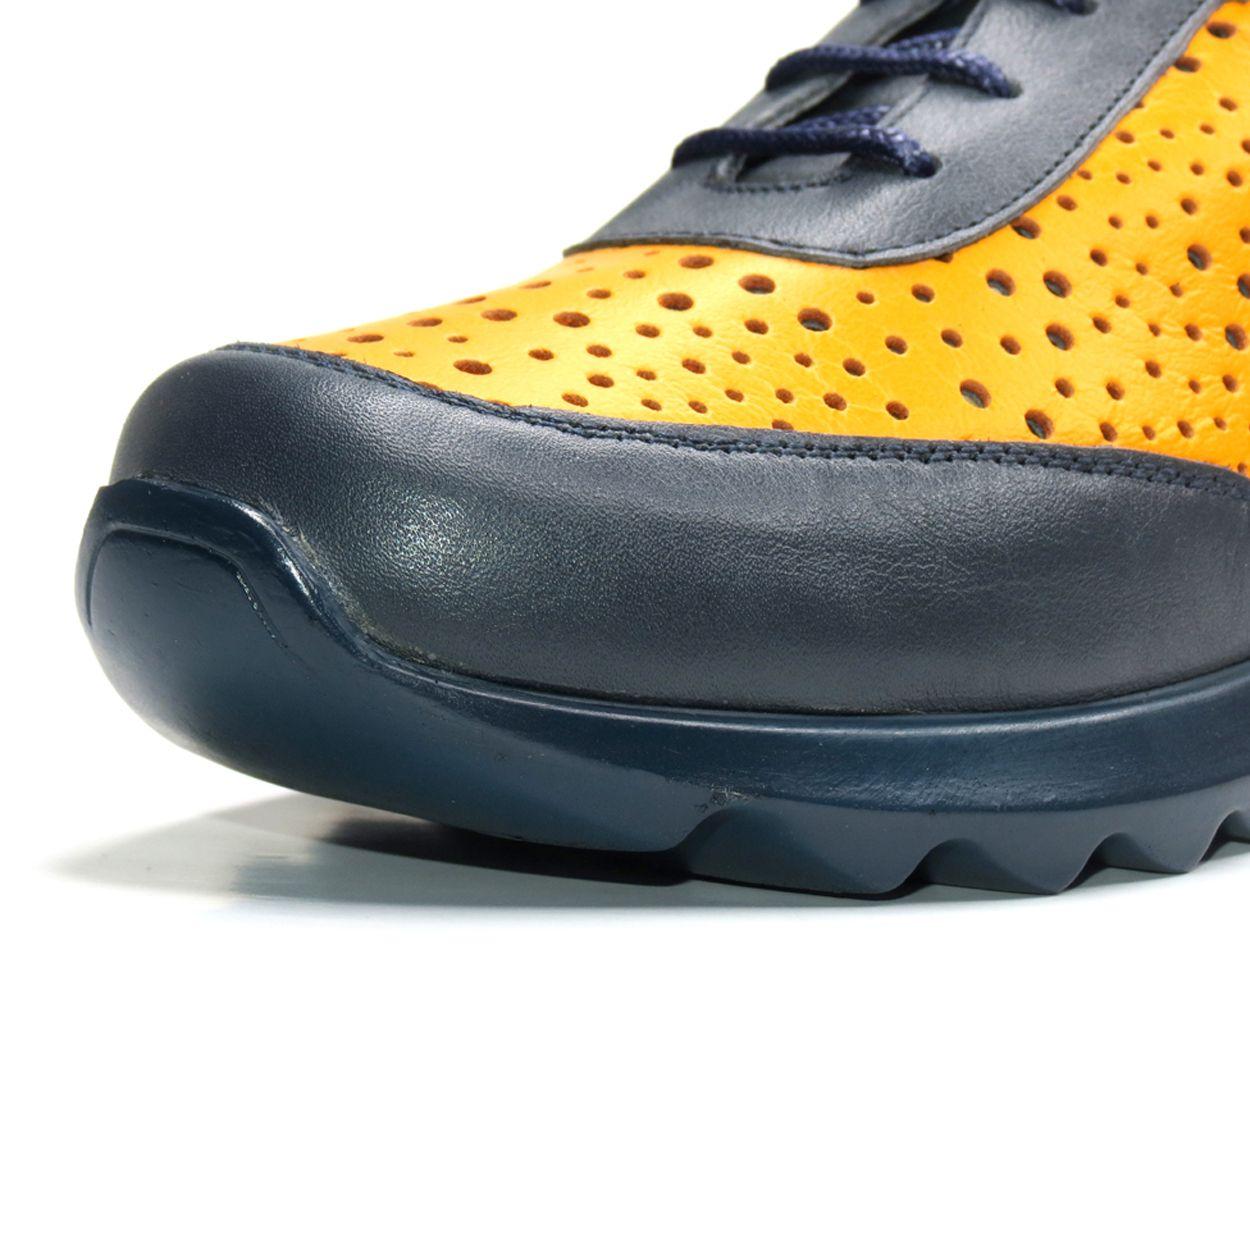 کفش روزمره زنانه آر اند دبلیو مدل 642 رنگ سرمه ای -  - 9